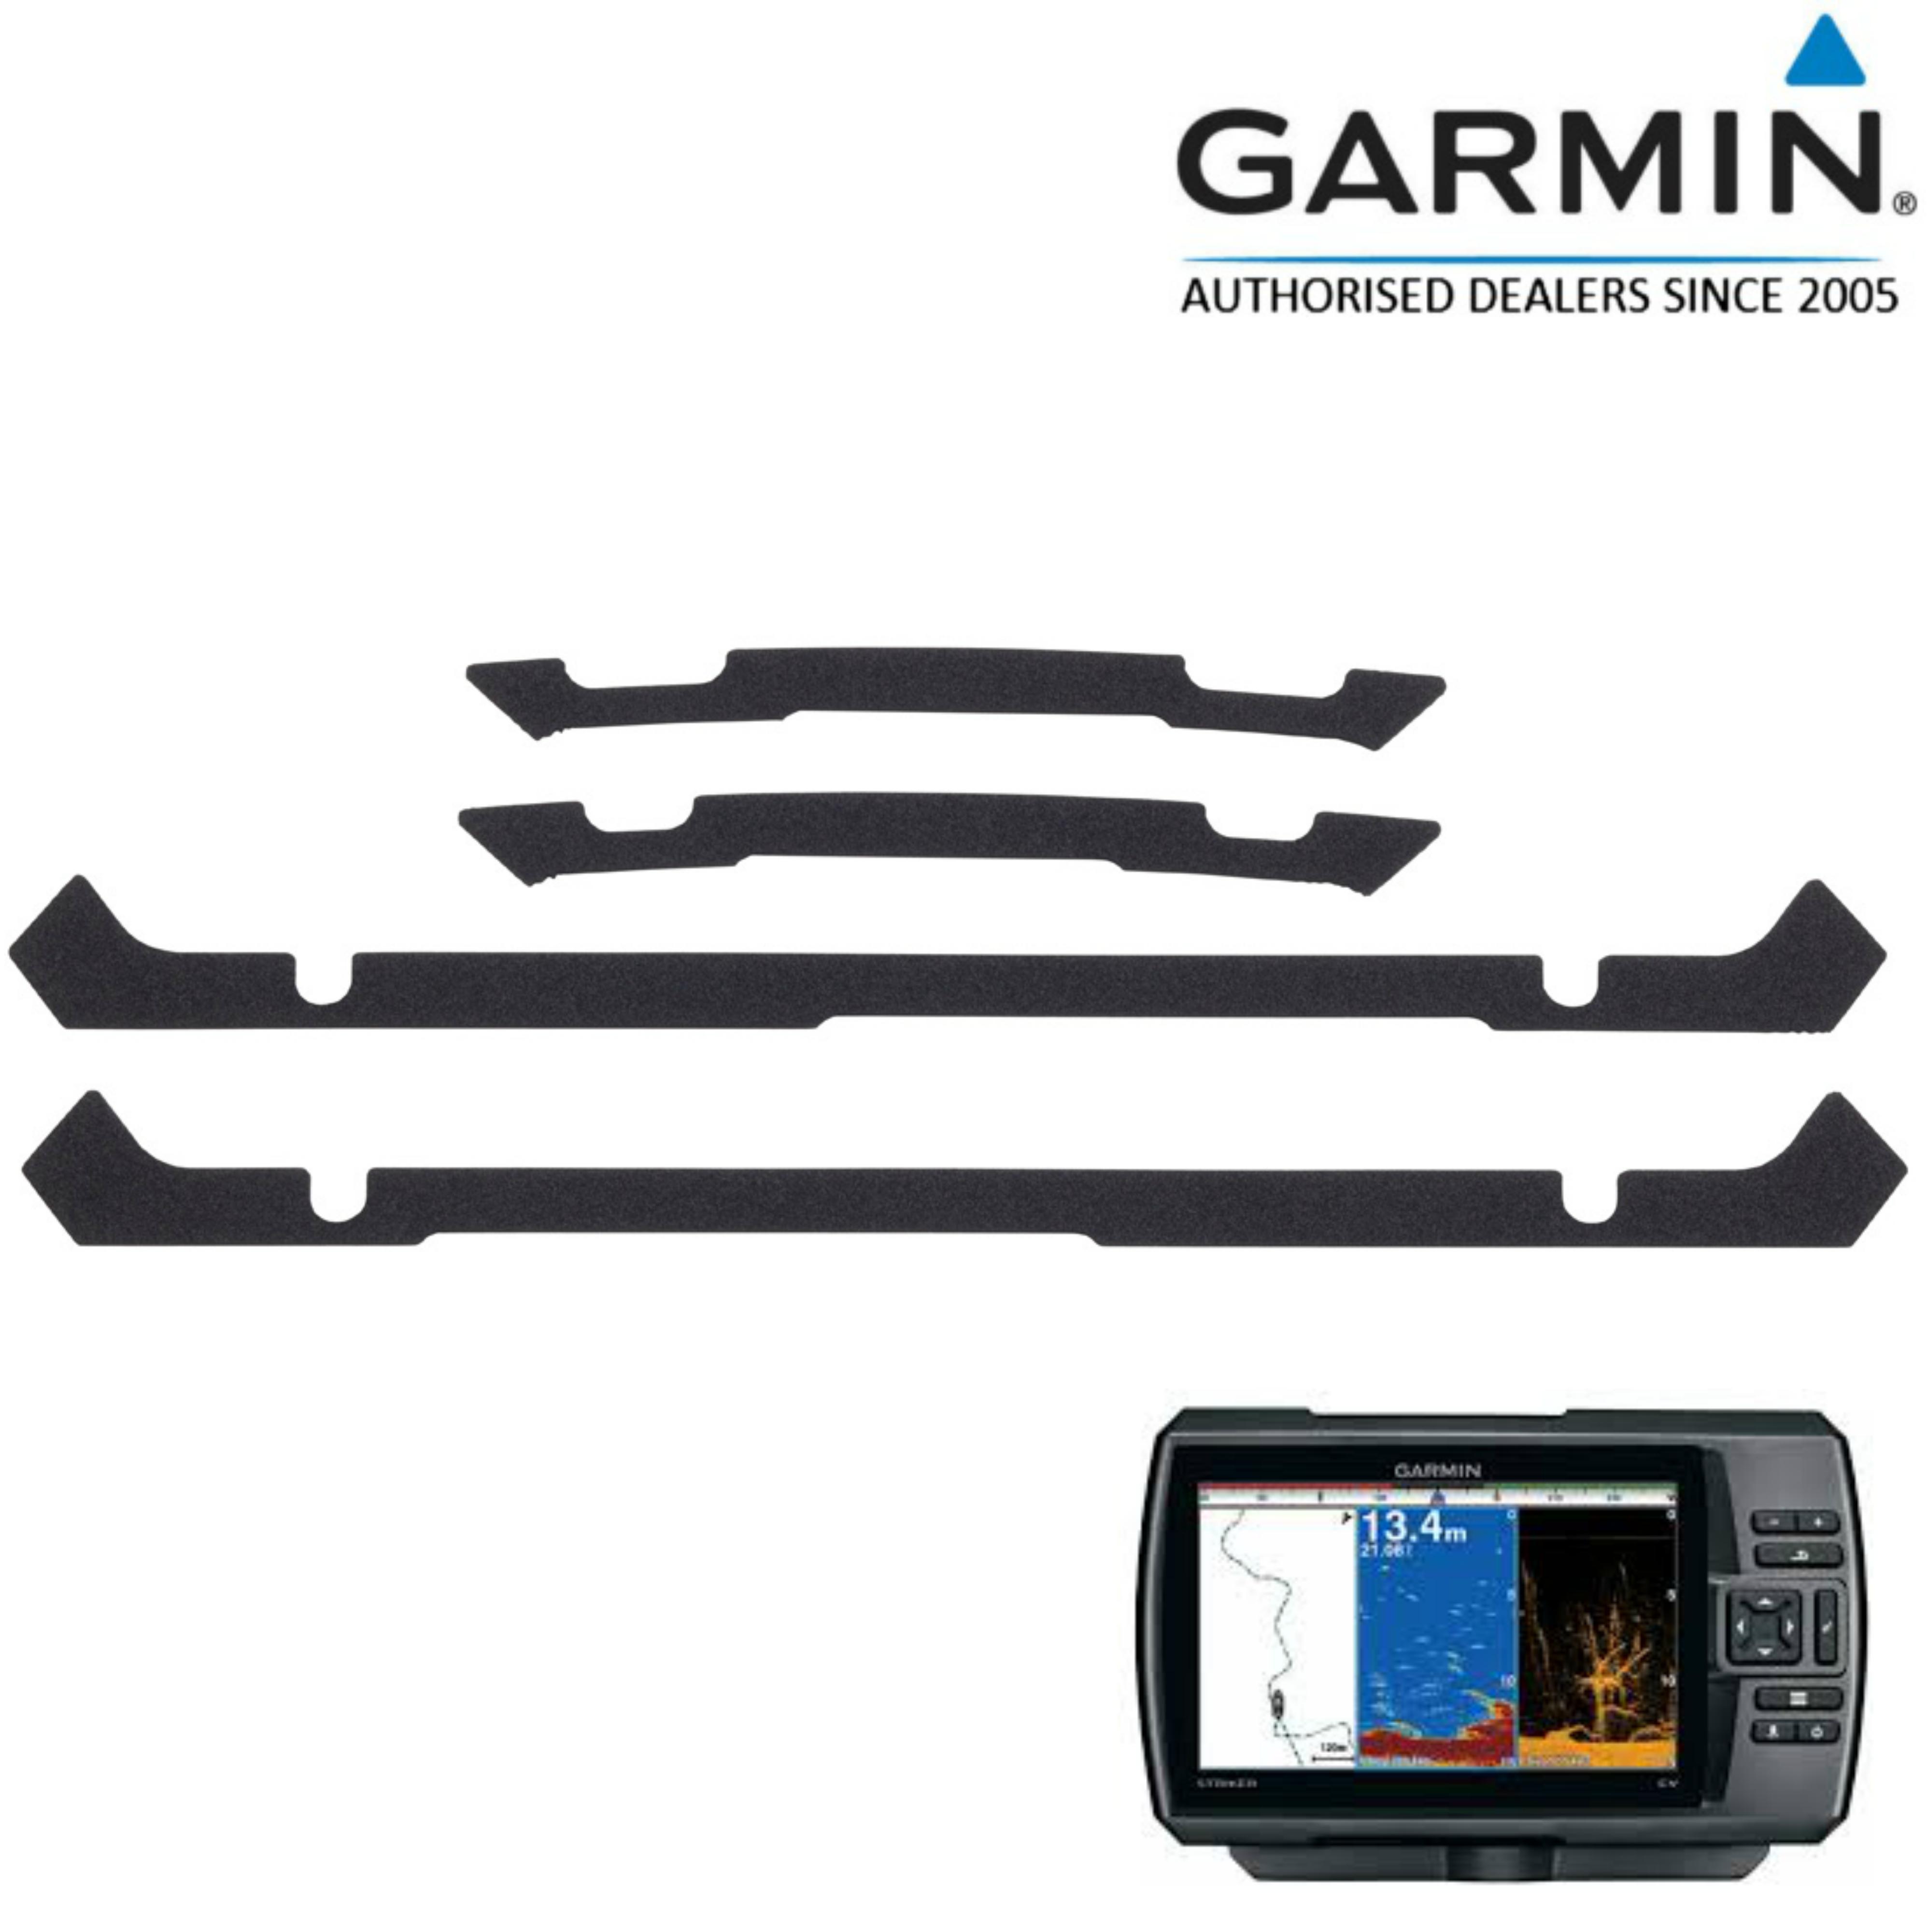 Garmin-0101244002|Flush Mount Kit|For STRIKER 7cv/7sv& STRIKER+ 7cv/sv|In Marine